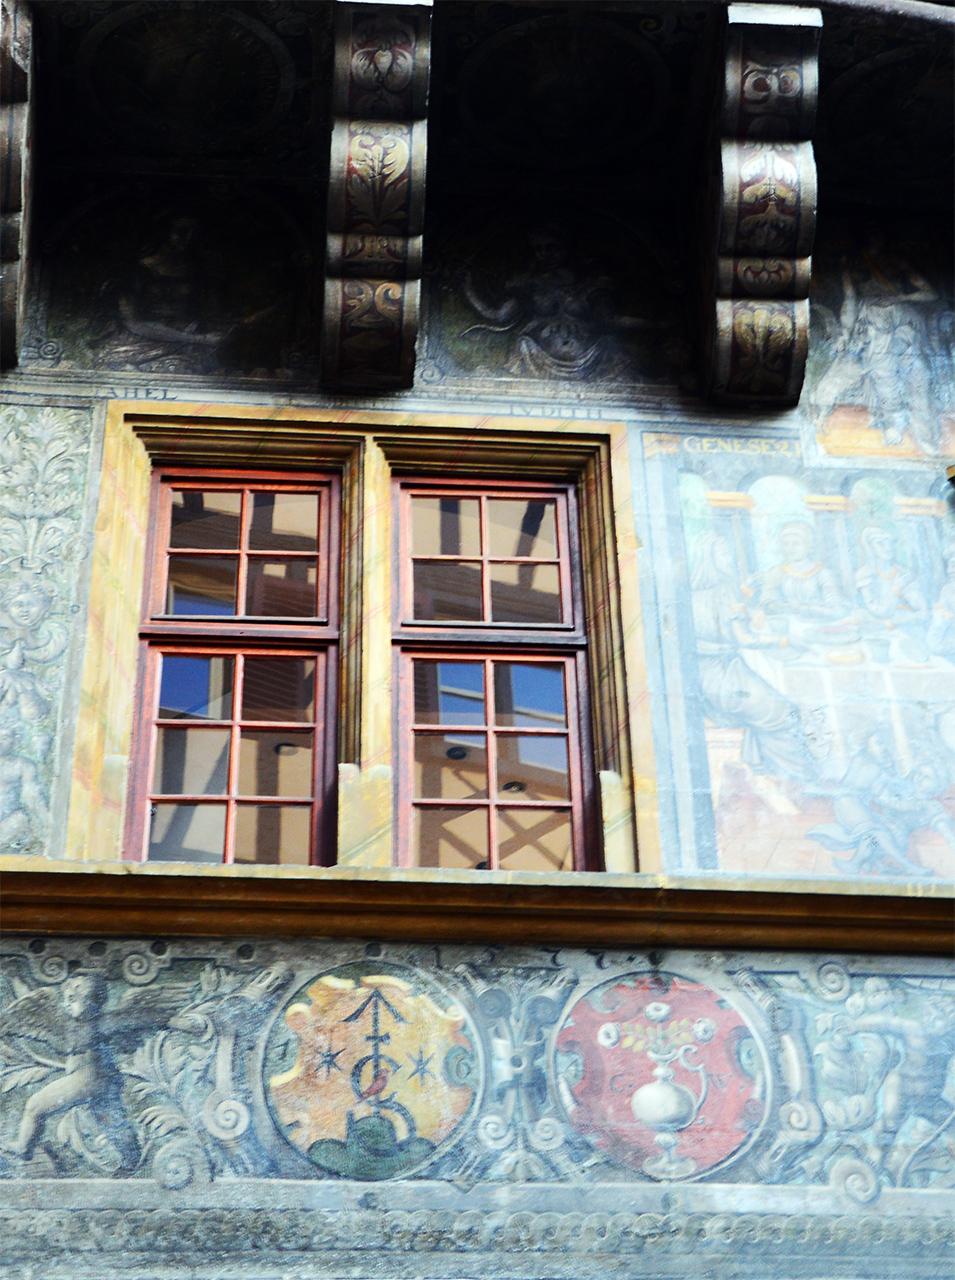 메종 피스테르의 벽화. 성경에 나오는 인물들과 독일 황제가 묘사되어 있다.